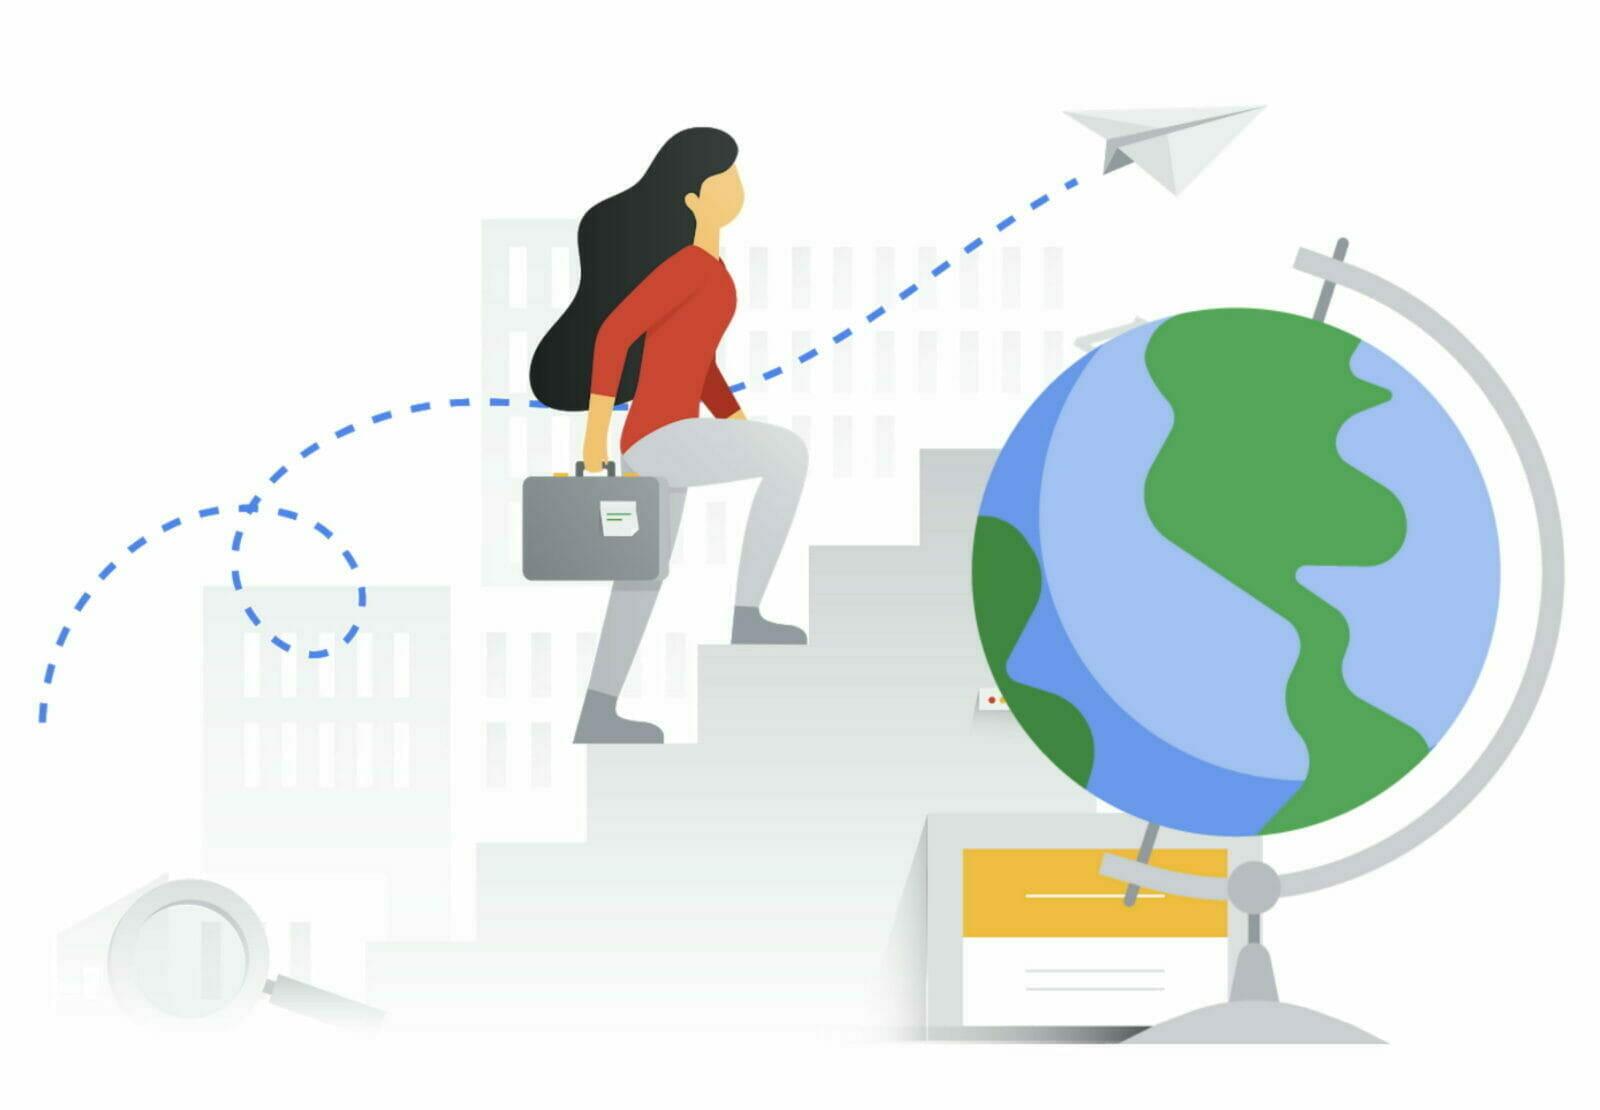 Google 中小企業デジタル活用 応援プログラム〜第2弾 観光事業者向けデジタル活用セミナー